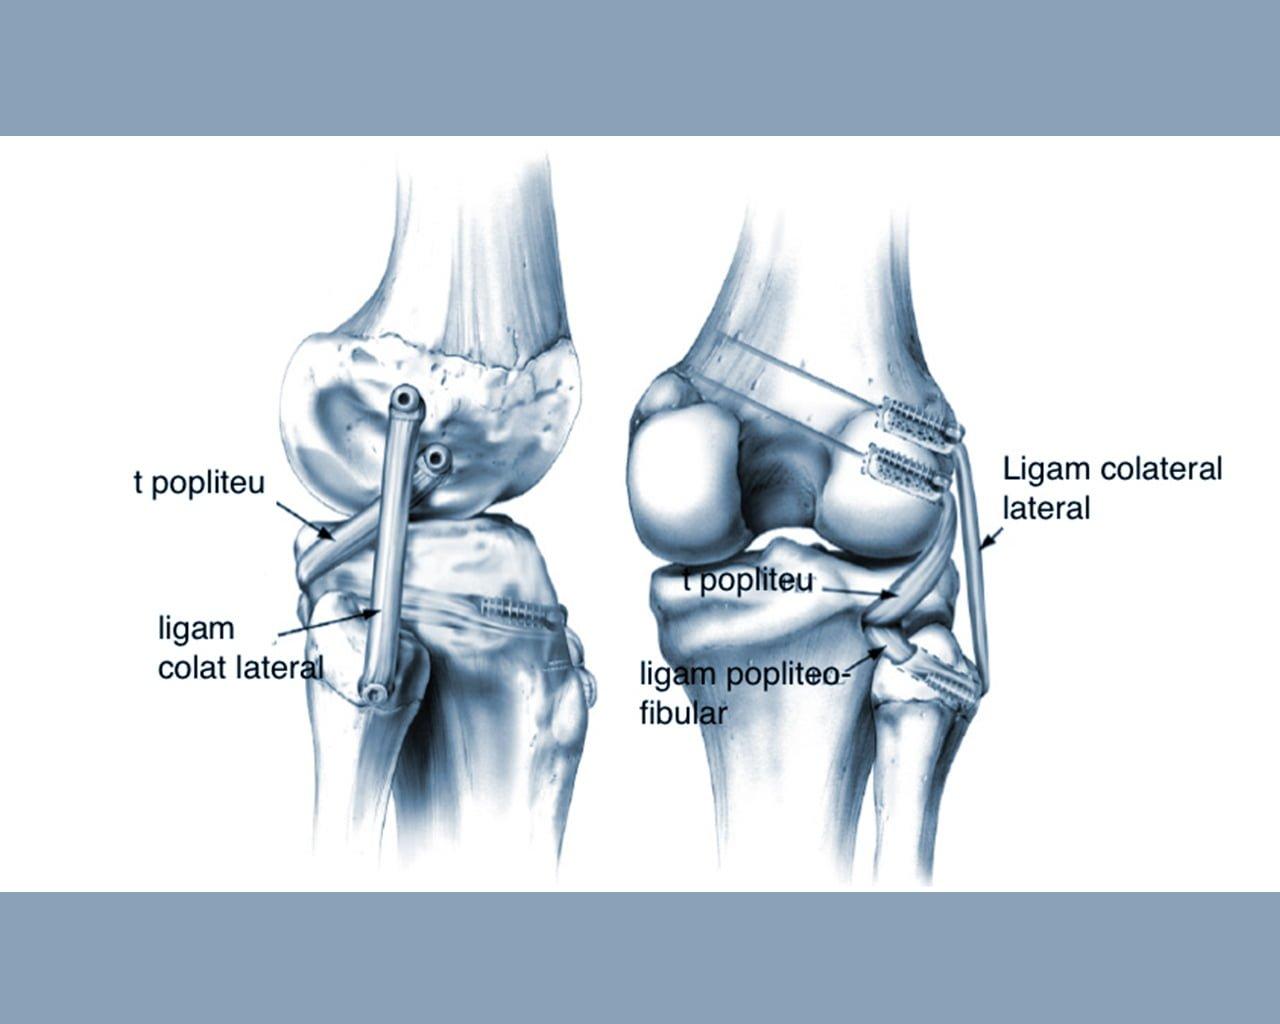 Leziunile ligamentului colateral extern (LCL)